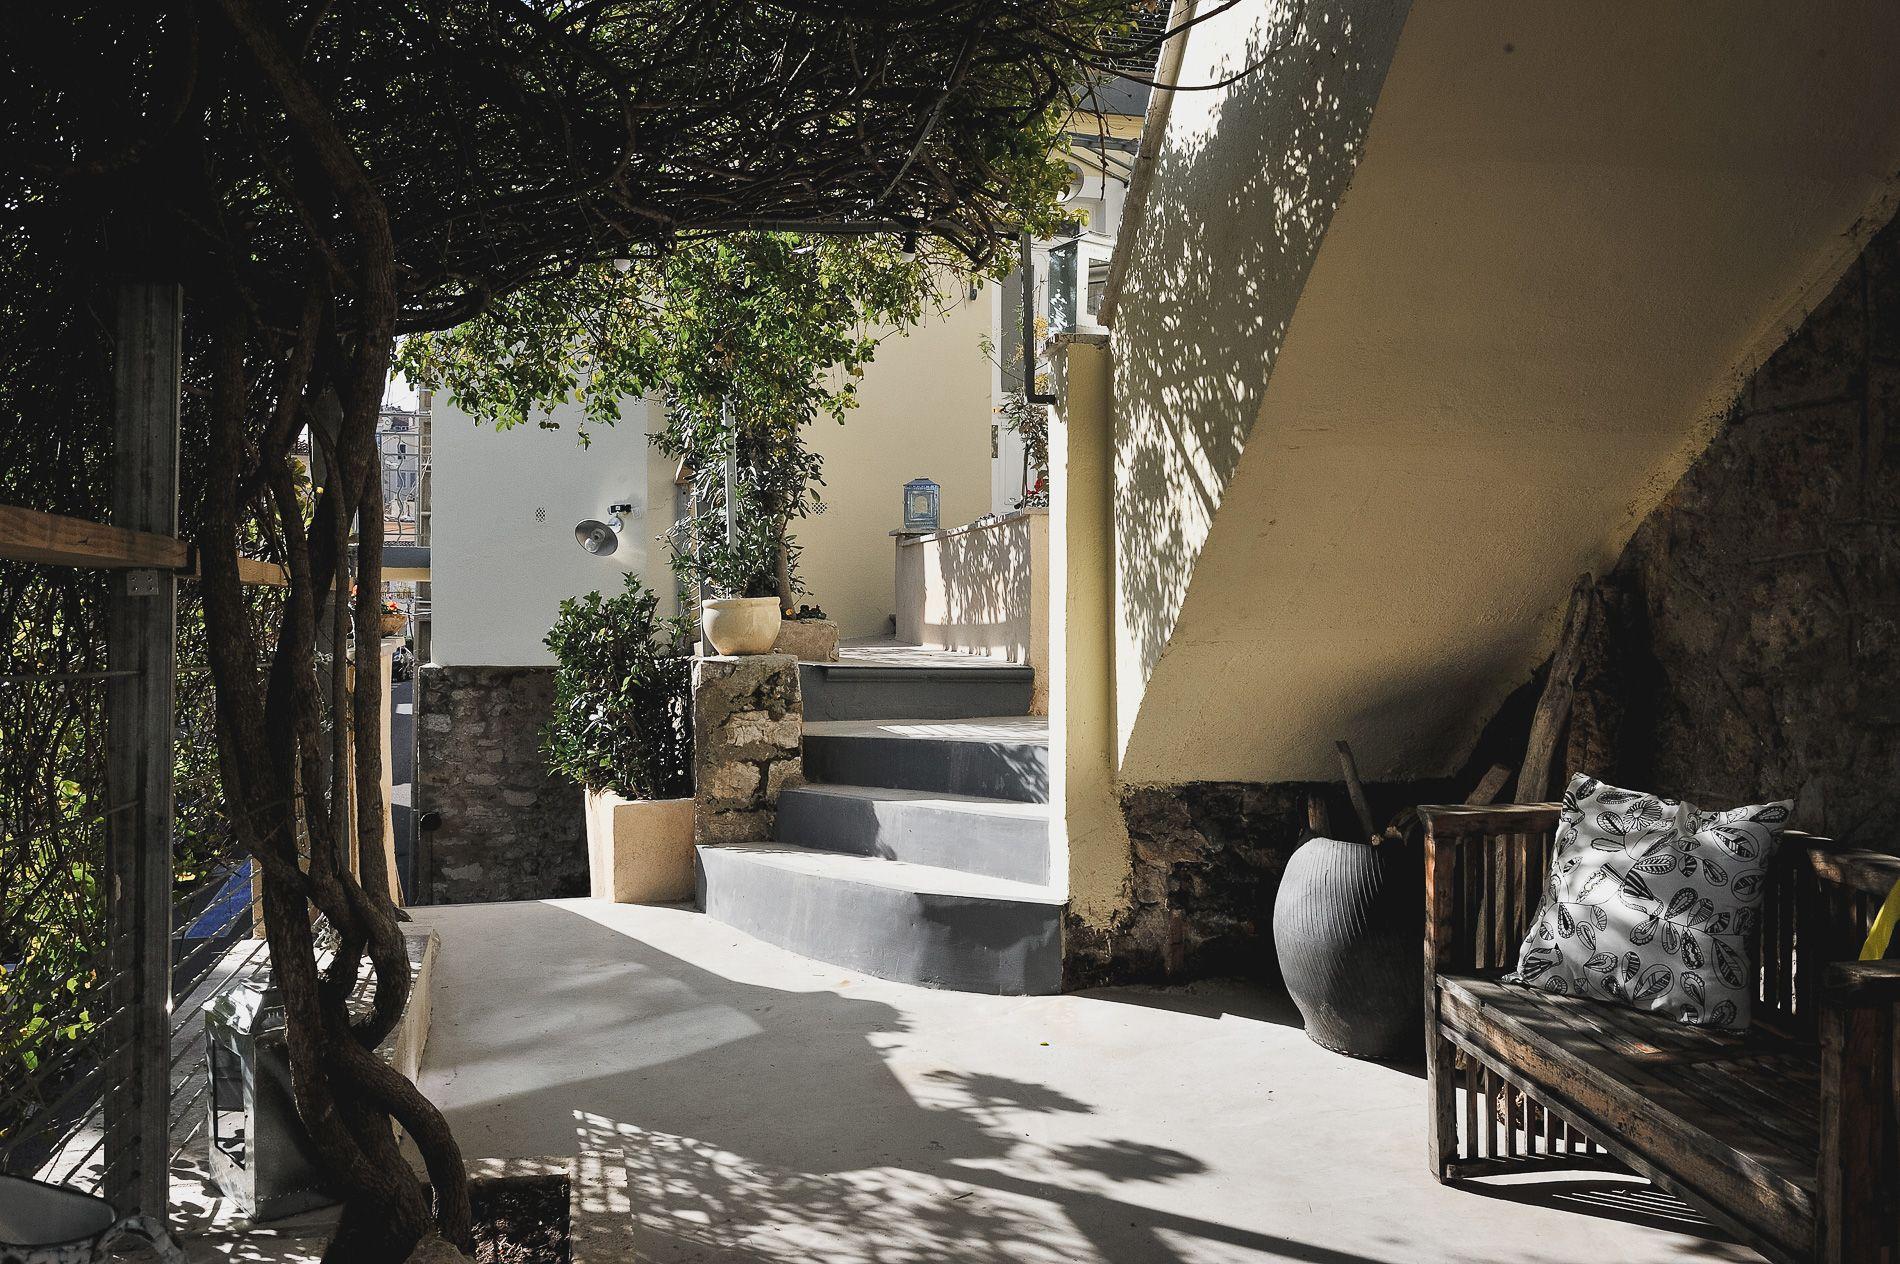 Cannes | hebergement | Maison d'hôte | atypique | conseil | mademoiselle-voyage